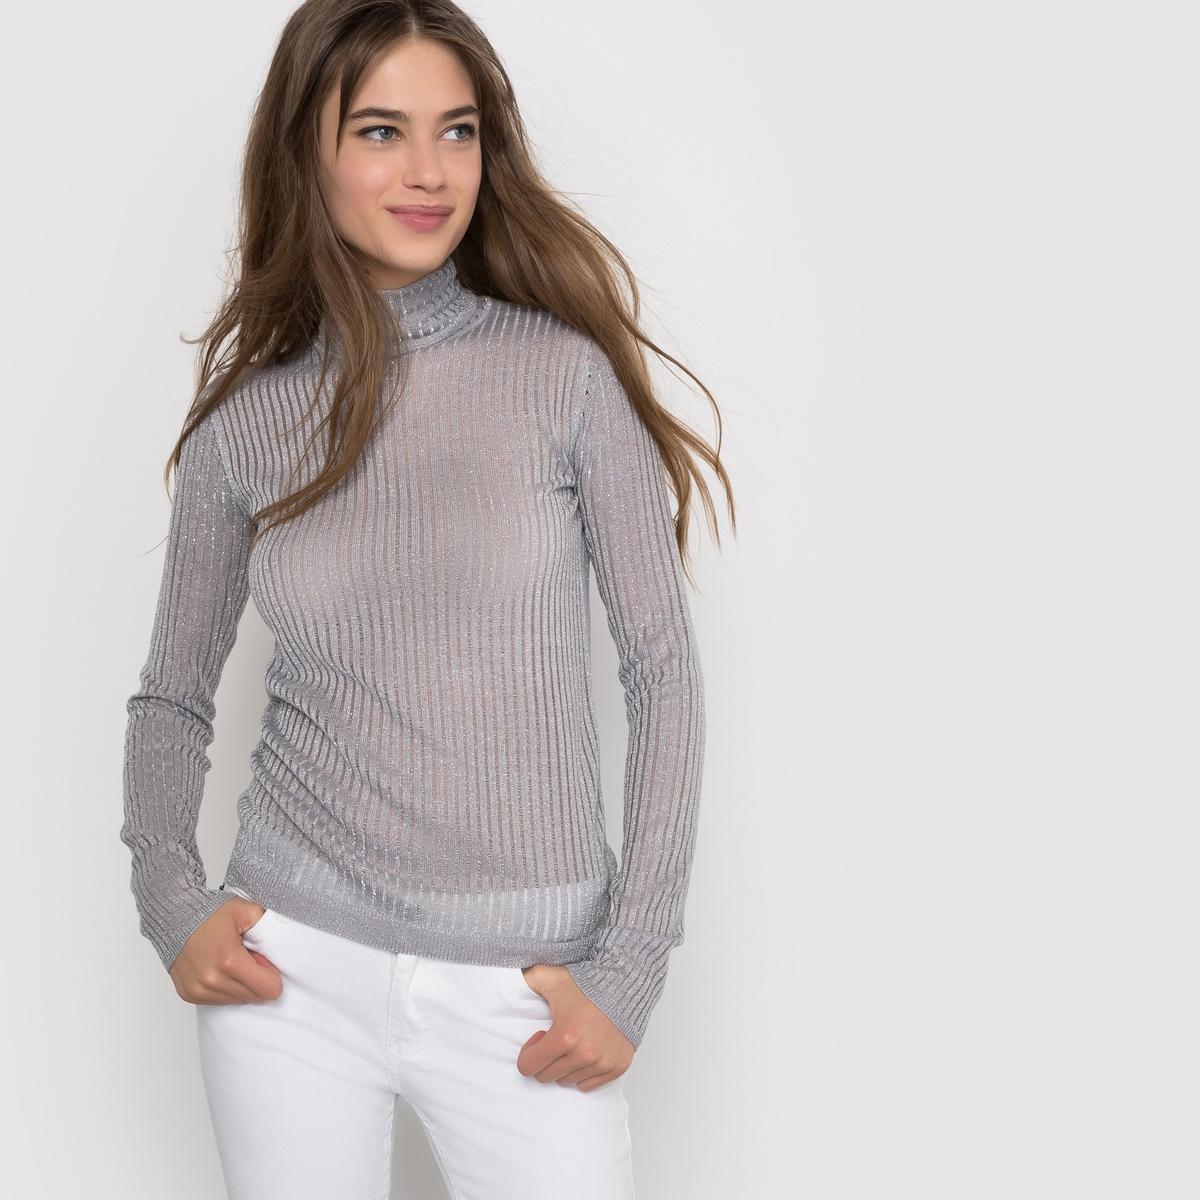 Облегающий пуловер в рубчик с металлизированными нитямиПуловер с длинным рукавом R ?dition. Очень облегающий и немного прозрачный изысканный пуловер в рубчик, с металлизированными нитями, воротник хомут. Состав и описание :Длина : 59 смМатериал : 95% акрила, 5% металлизированных нитейМарка :      R ?ditionУходСтирка при 30° с одеждой подобного цвета Не гладить<br><br>Цвет: красно-фиолетовый,светло-серый металл